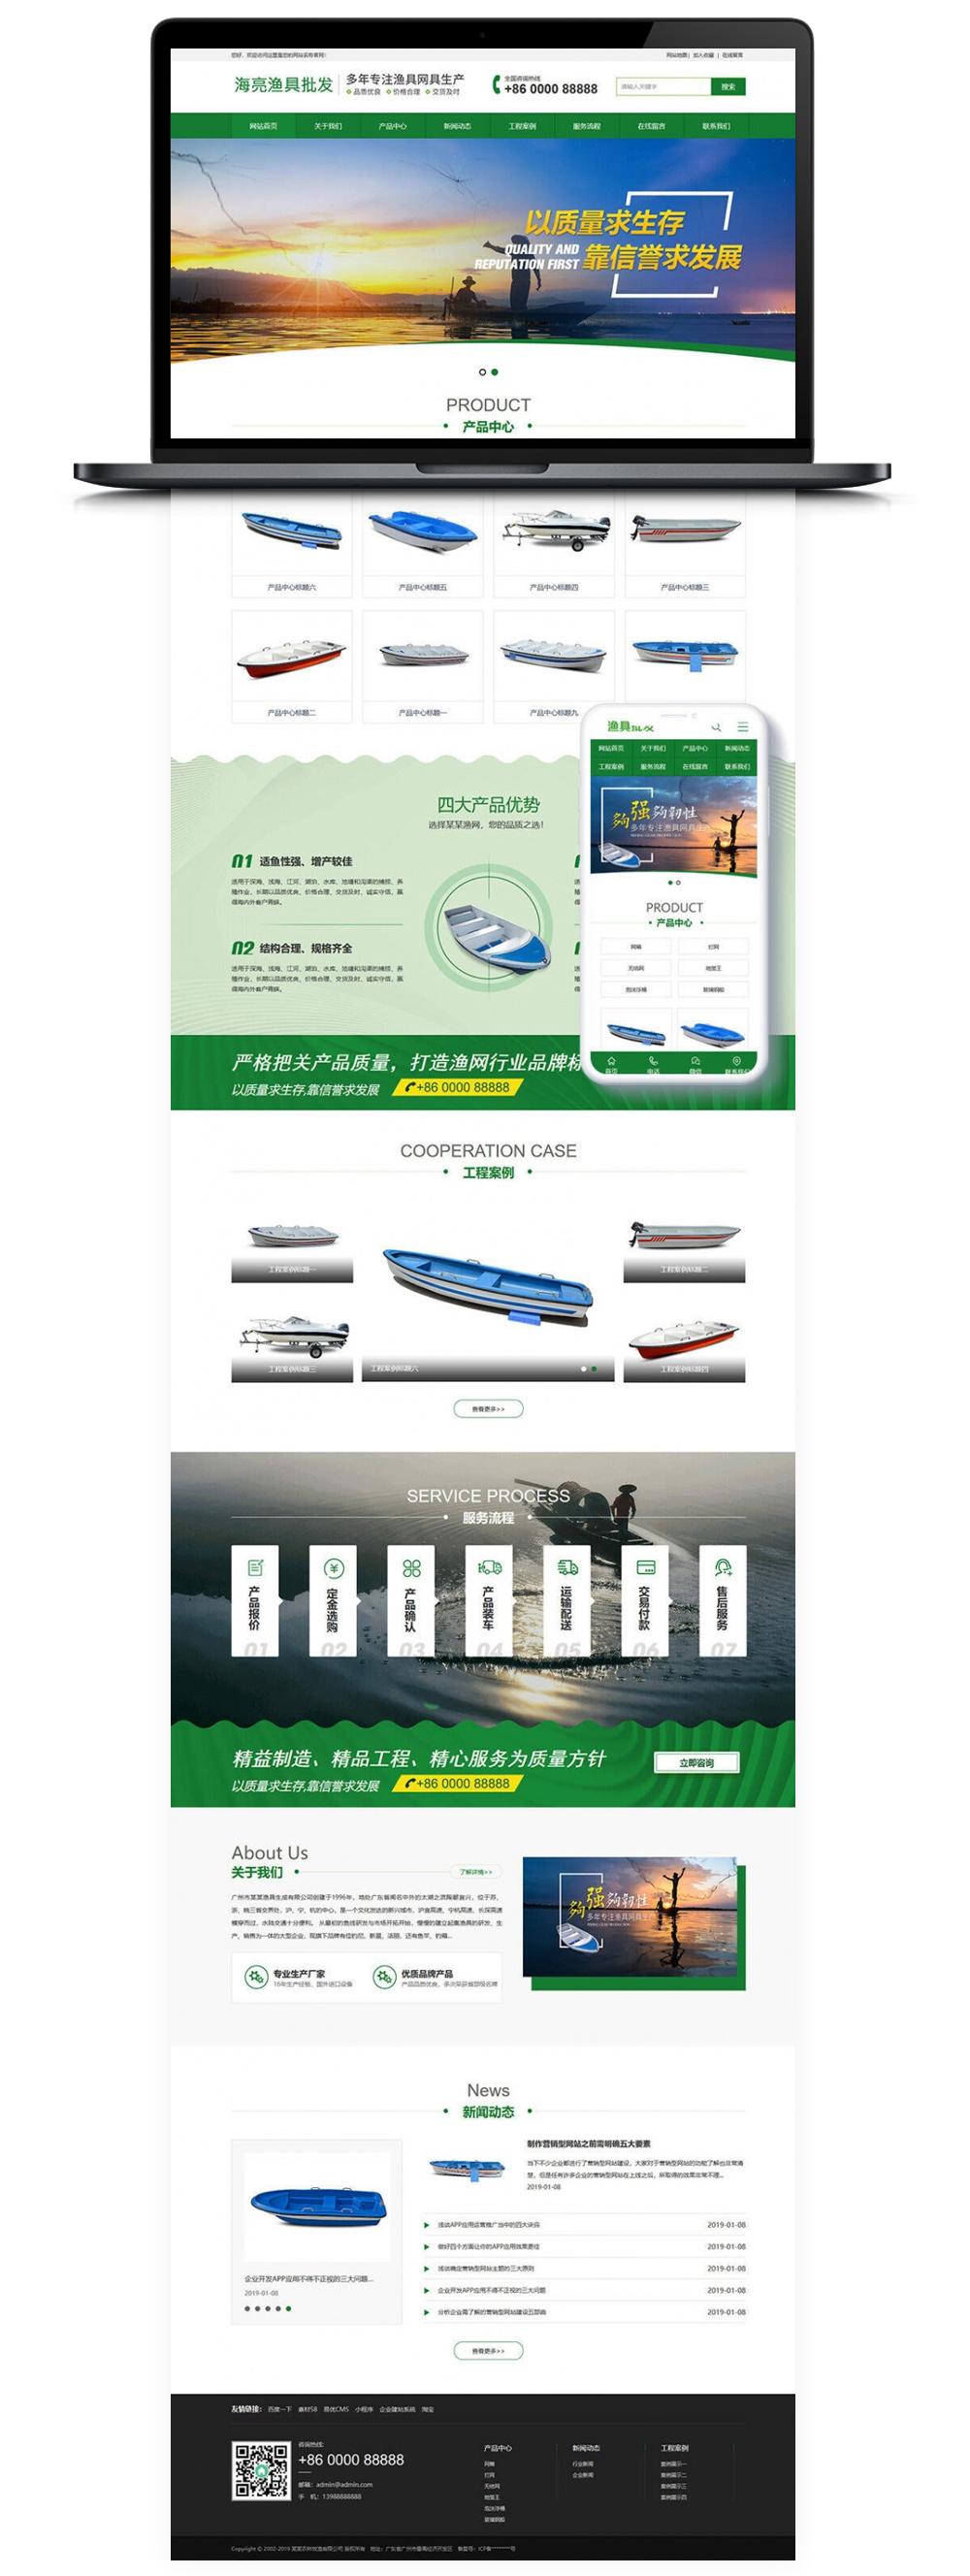 【DEDECMS企业模板】渔具批发 / 农林业 / 牧渔企业网站模板[自适应手机端]-找主题源码